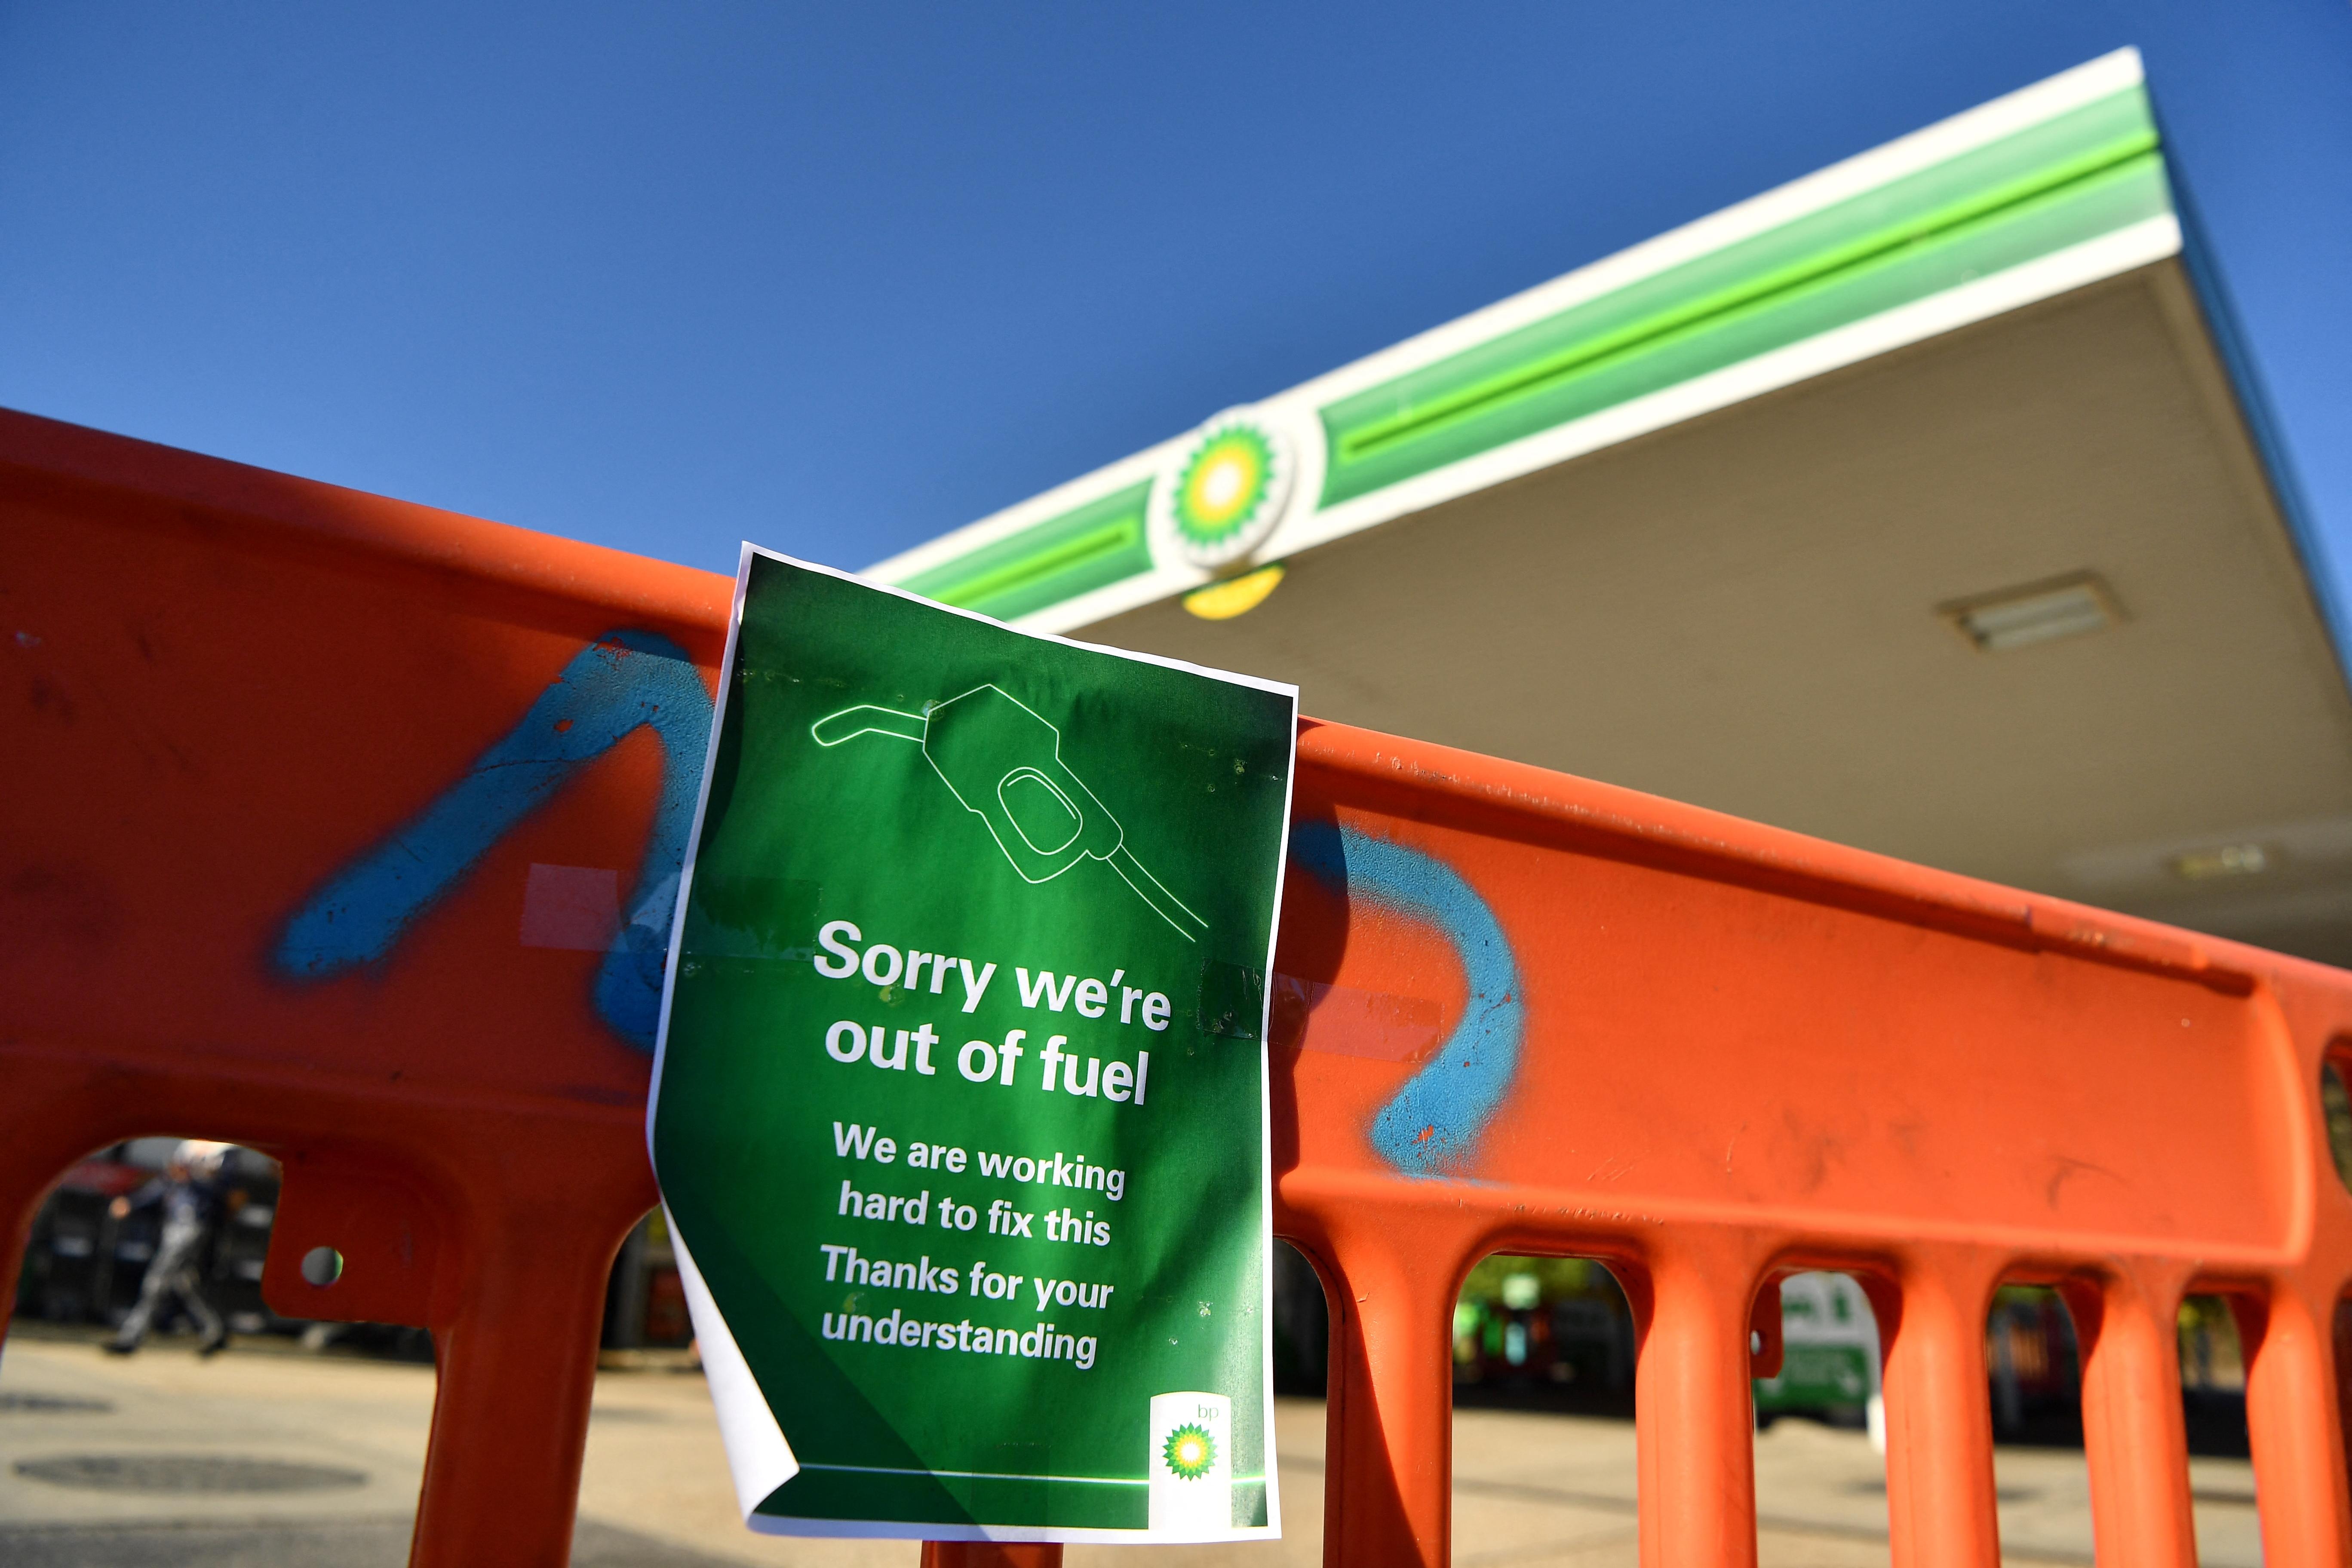 Pánikvásárlás miatt a brit benzinkutak kétharmadánál már teljesen kifogyott az üzemanyag